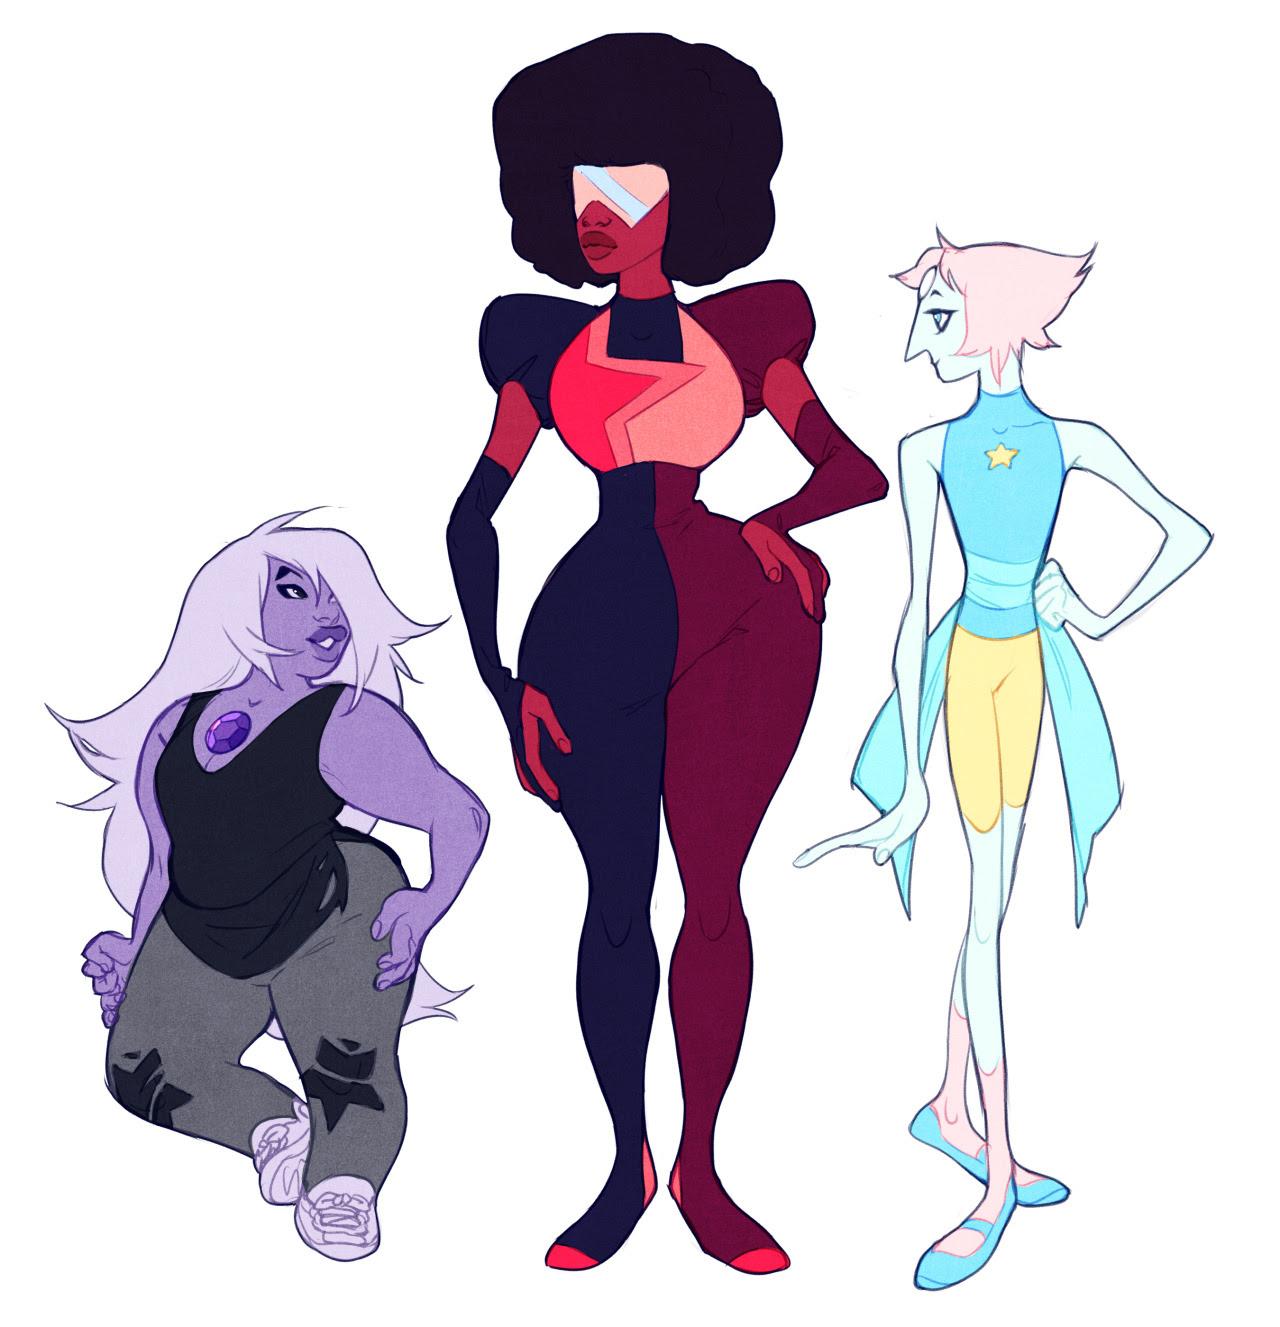 More body shape experiments ft. gem ladies.